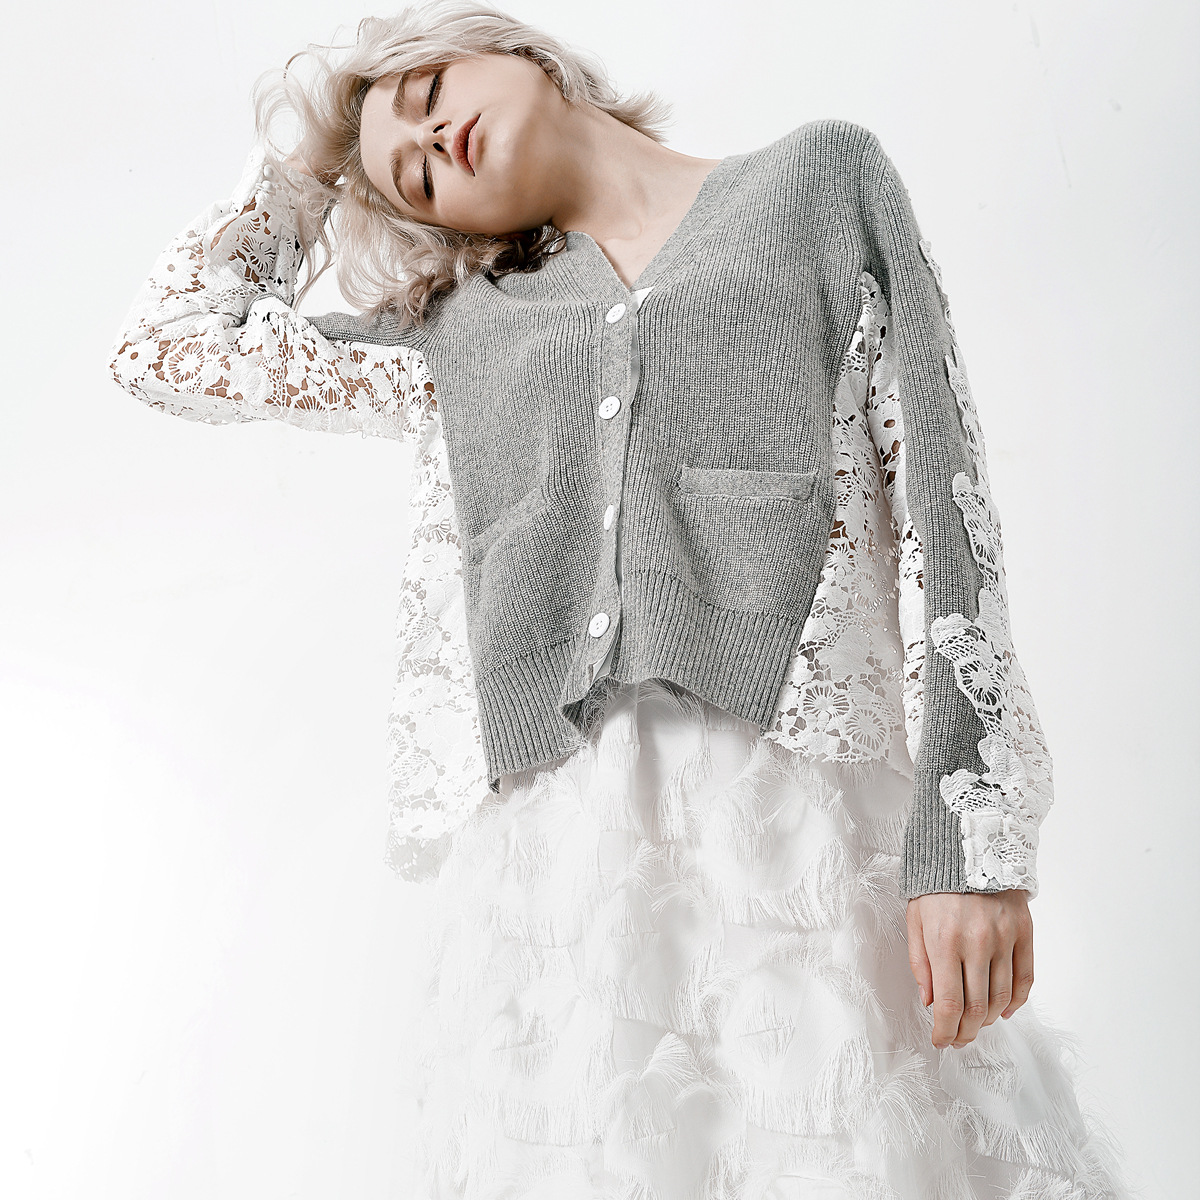 Tricoté À Chandail Femmes Creux Dentelle Mode 2019 Retour Manches Cardigan Patchwork Sexy Longues Gris Nouvelle Printemps wzHWqgO